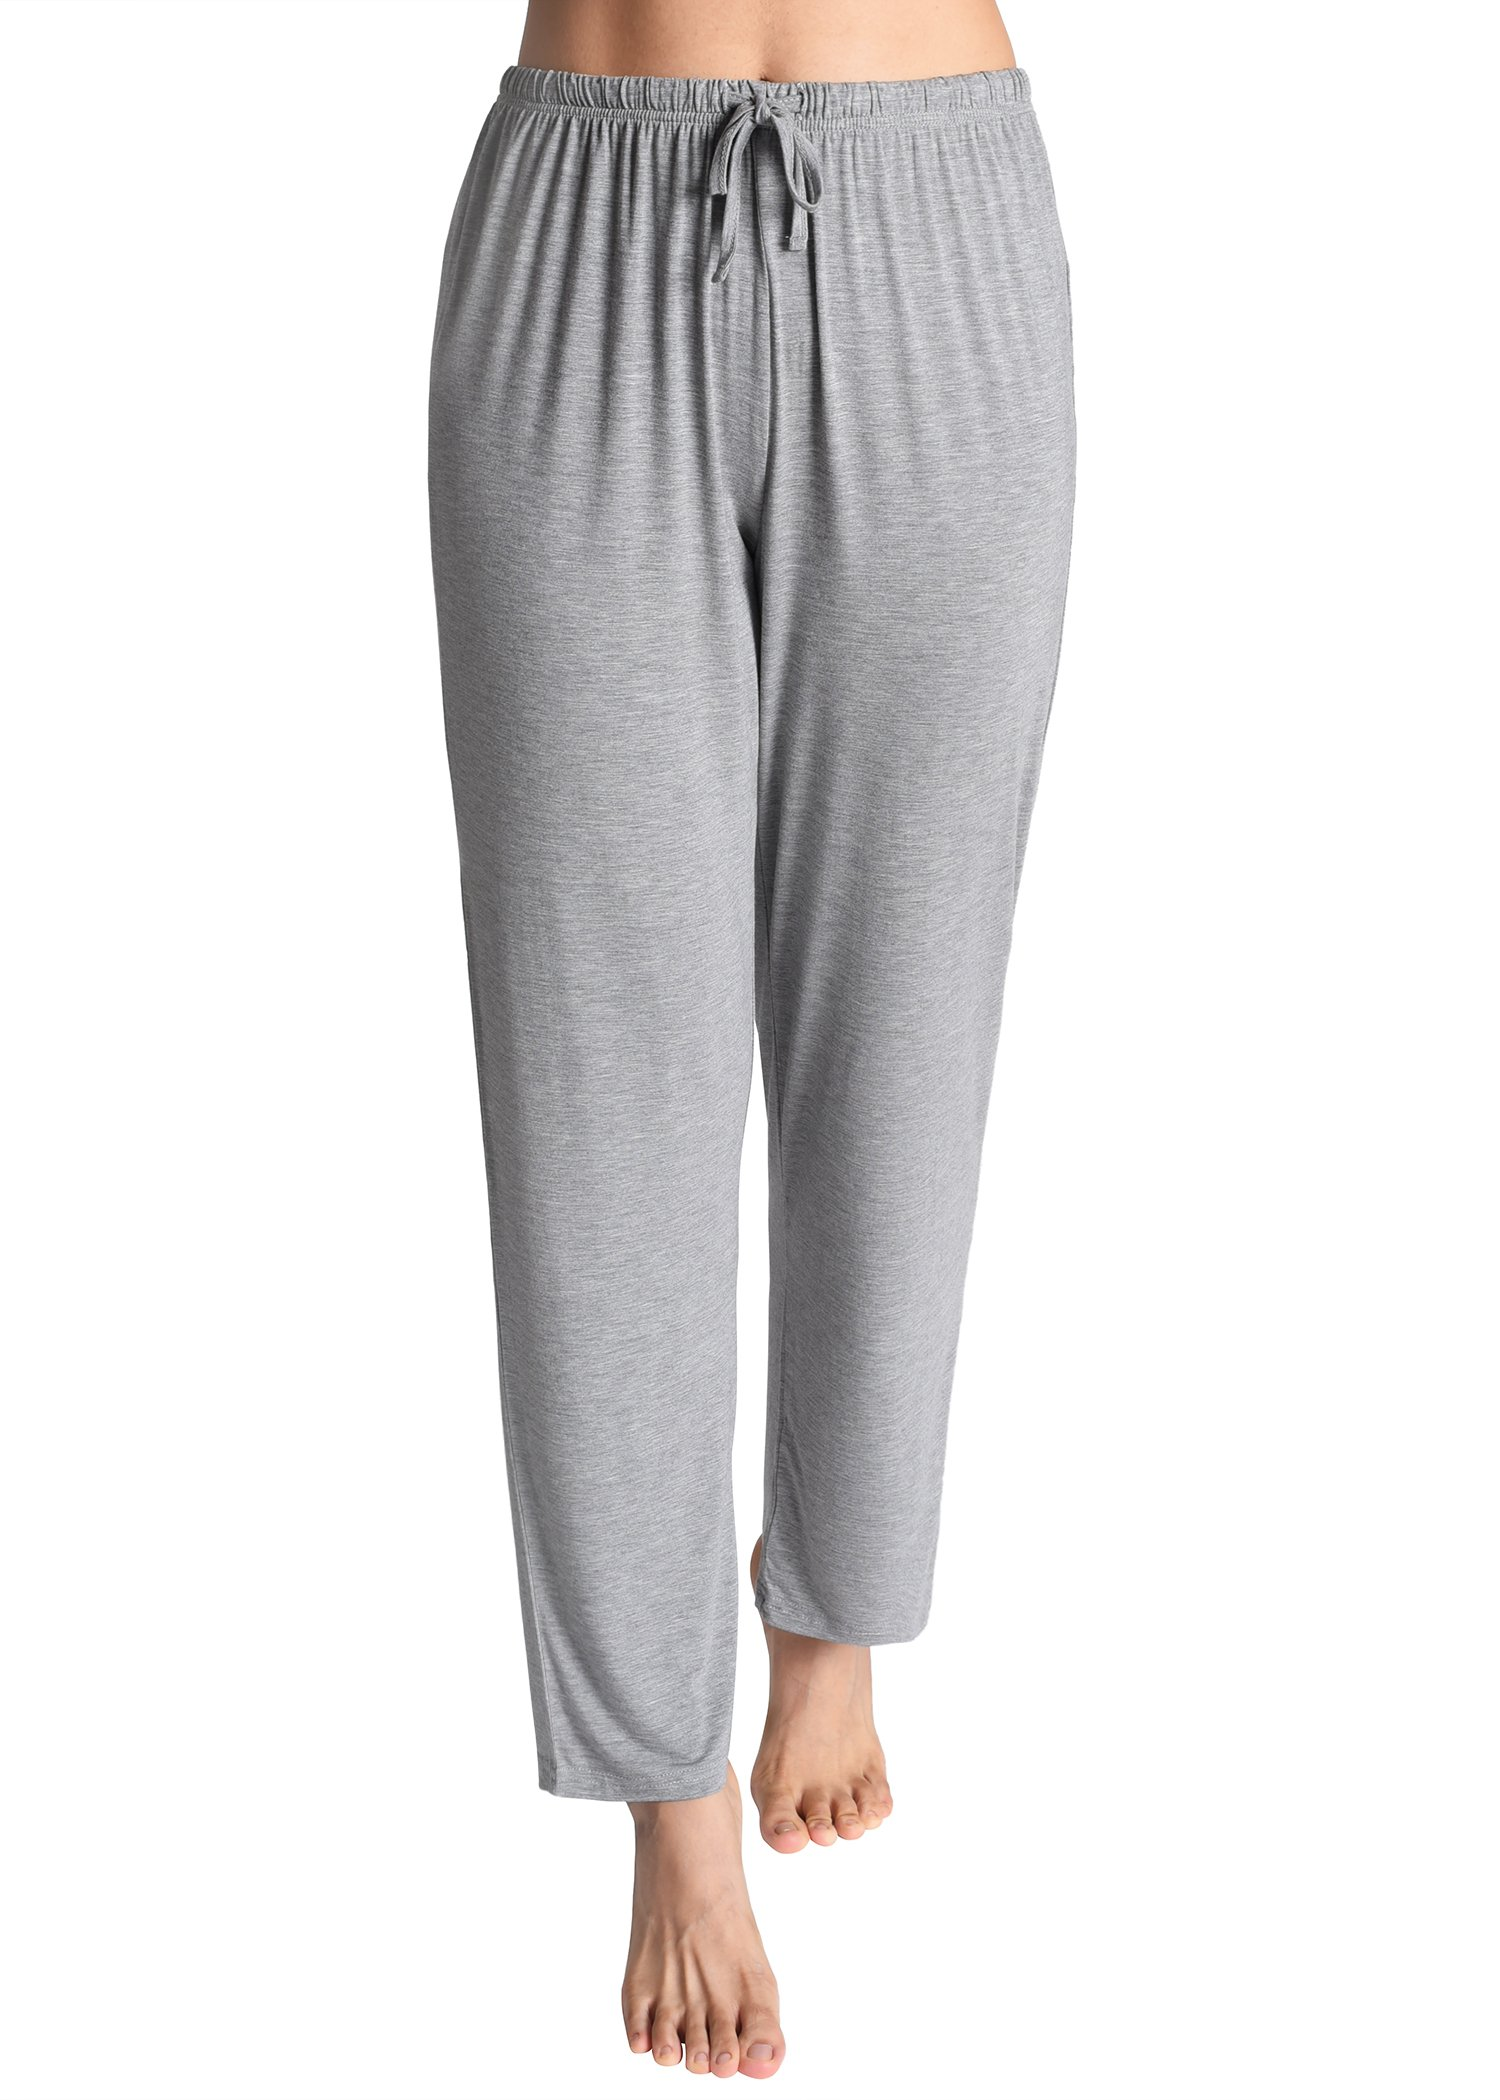 Latuza Women's Knit Loungewear Pajama Pants